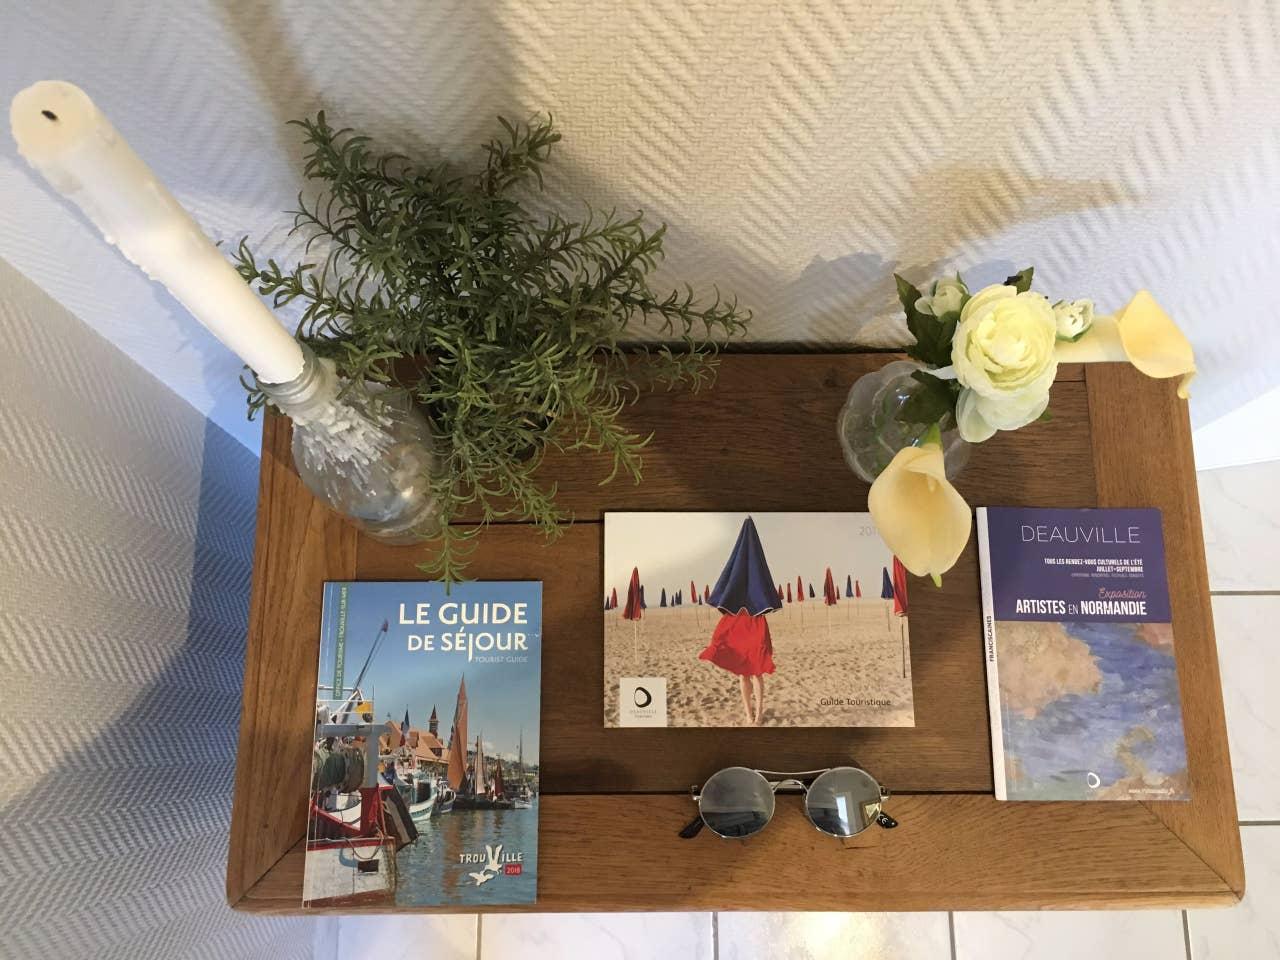 Au_plus_près_de_vous_-_Deauville_3